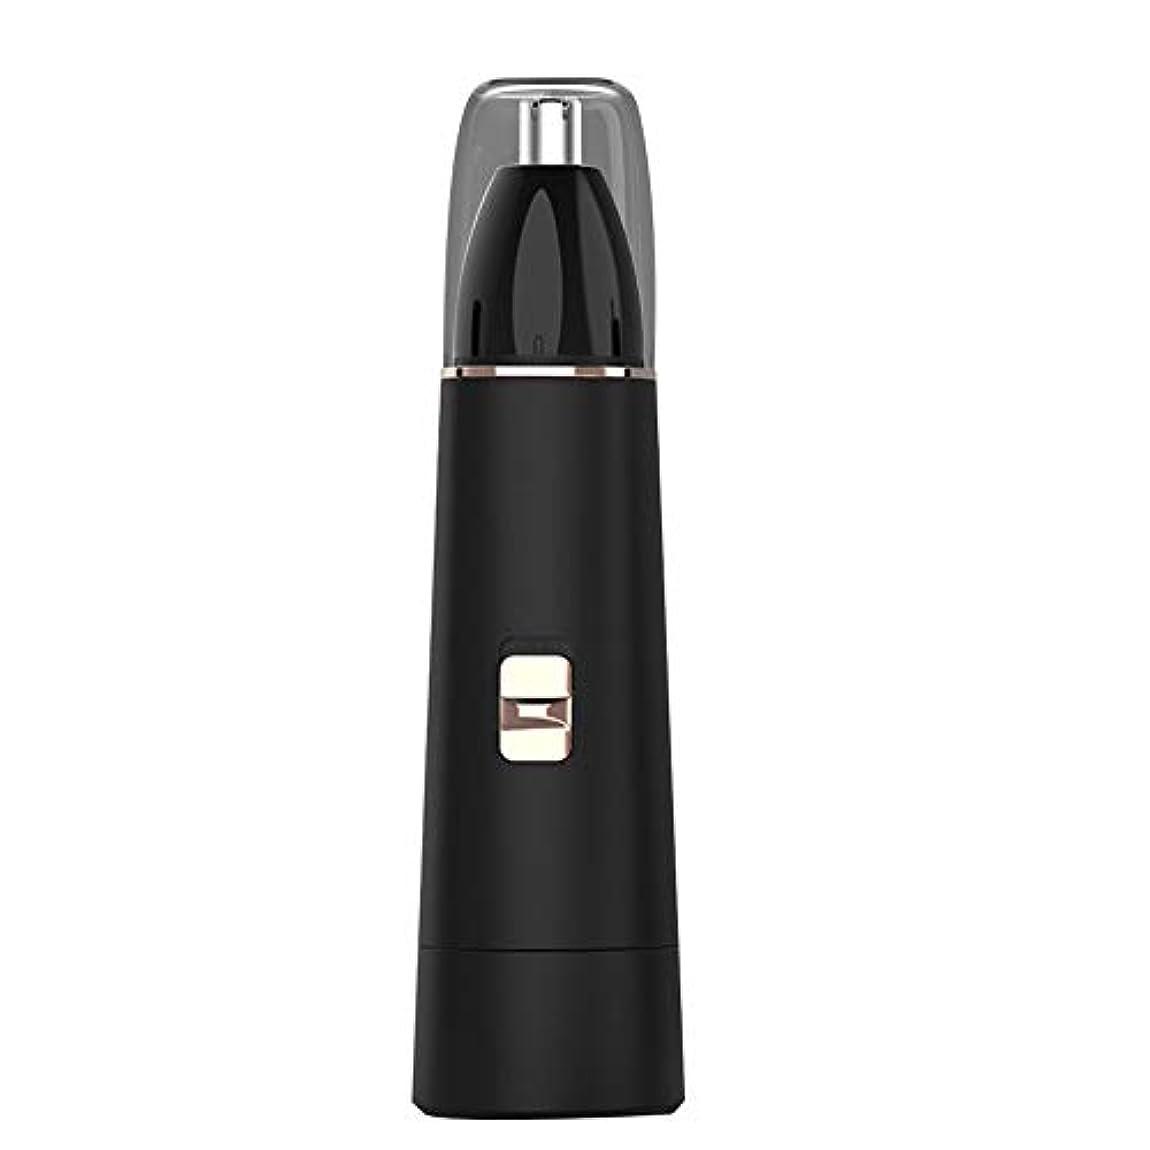 本物見つけるにじみ出る鼻毛トリマー-USB充電式電動鼻毛トリマー/ABS素材/多機能 操作が簡単